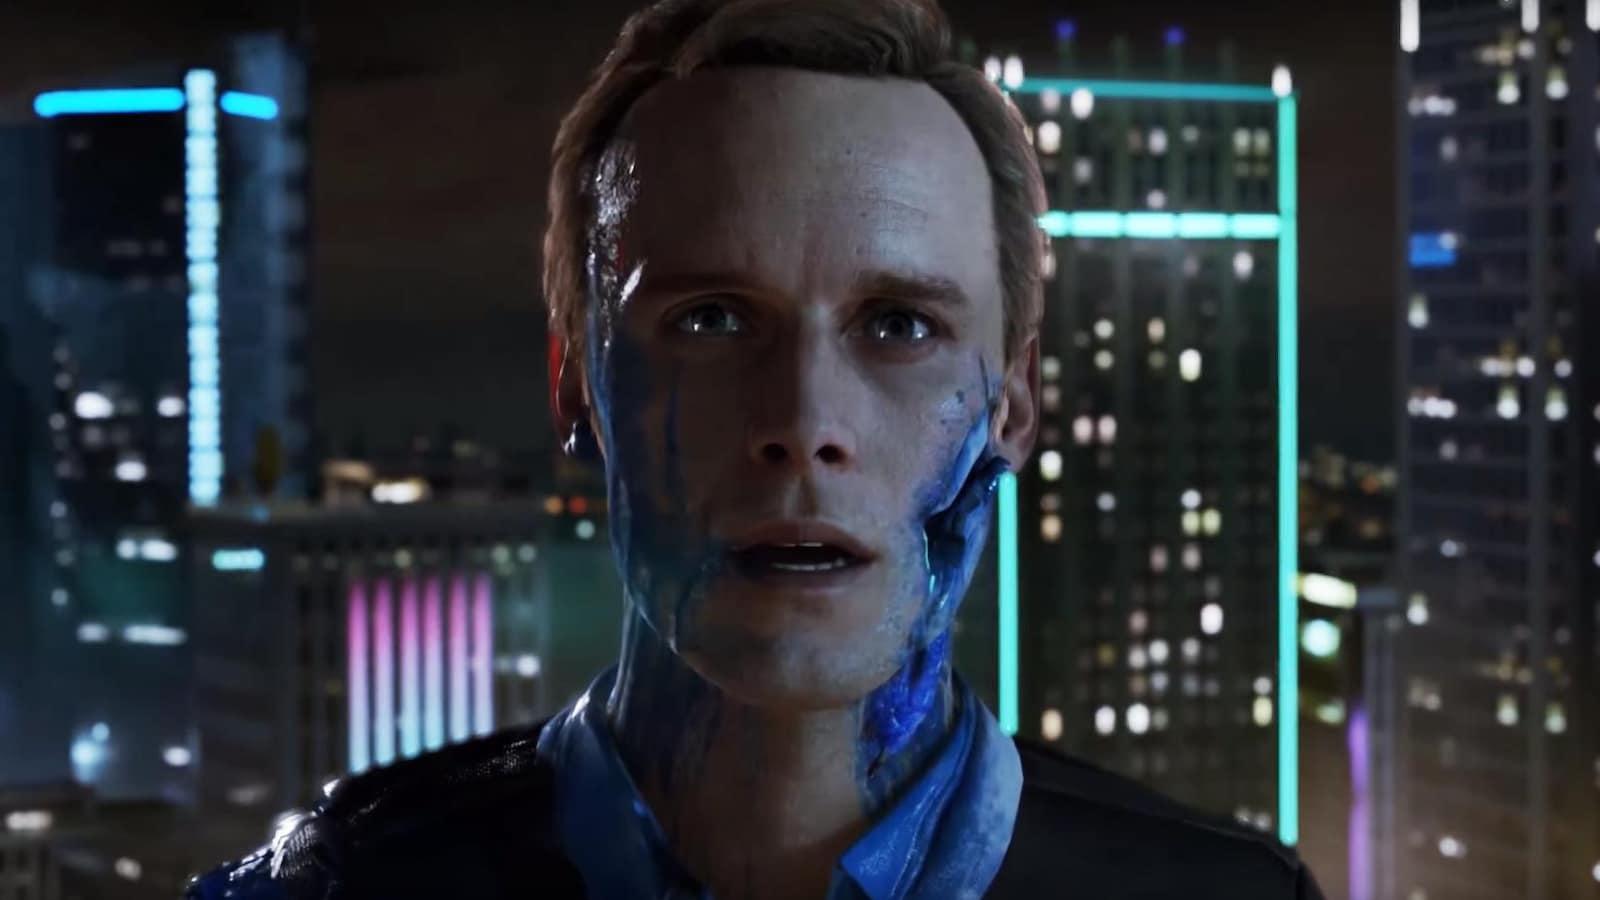 Une capture d'écran d'une bande-annonce du jeu <i>Detroit: Become Human</i> montrant un personnage humain à la mâchoire percée qui saigne du sang bleu.